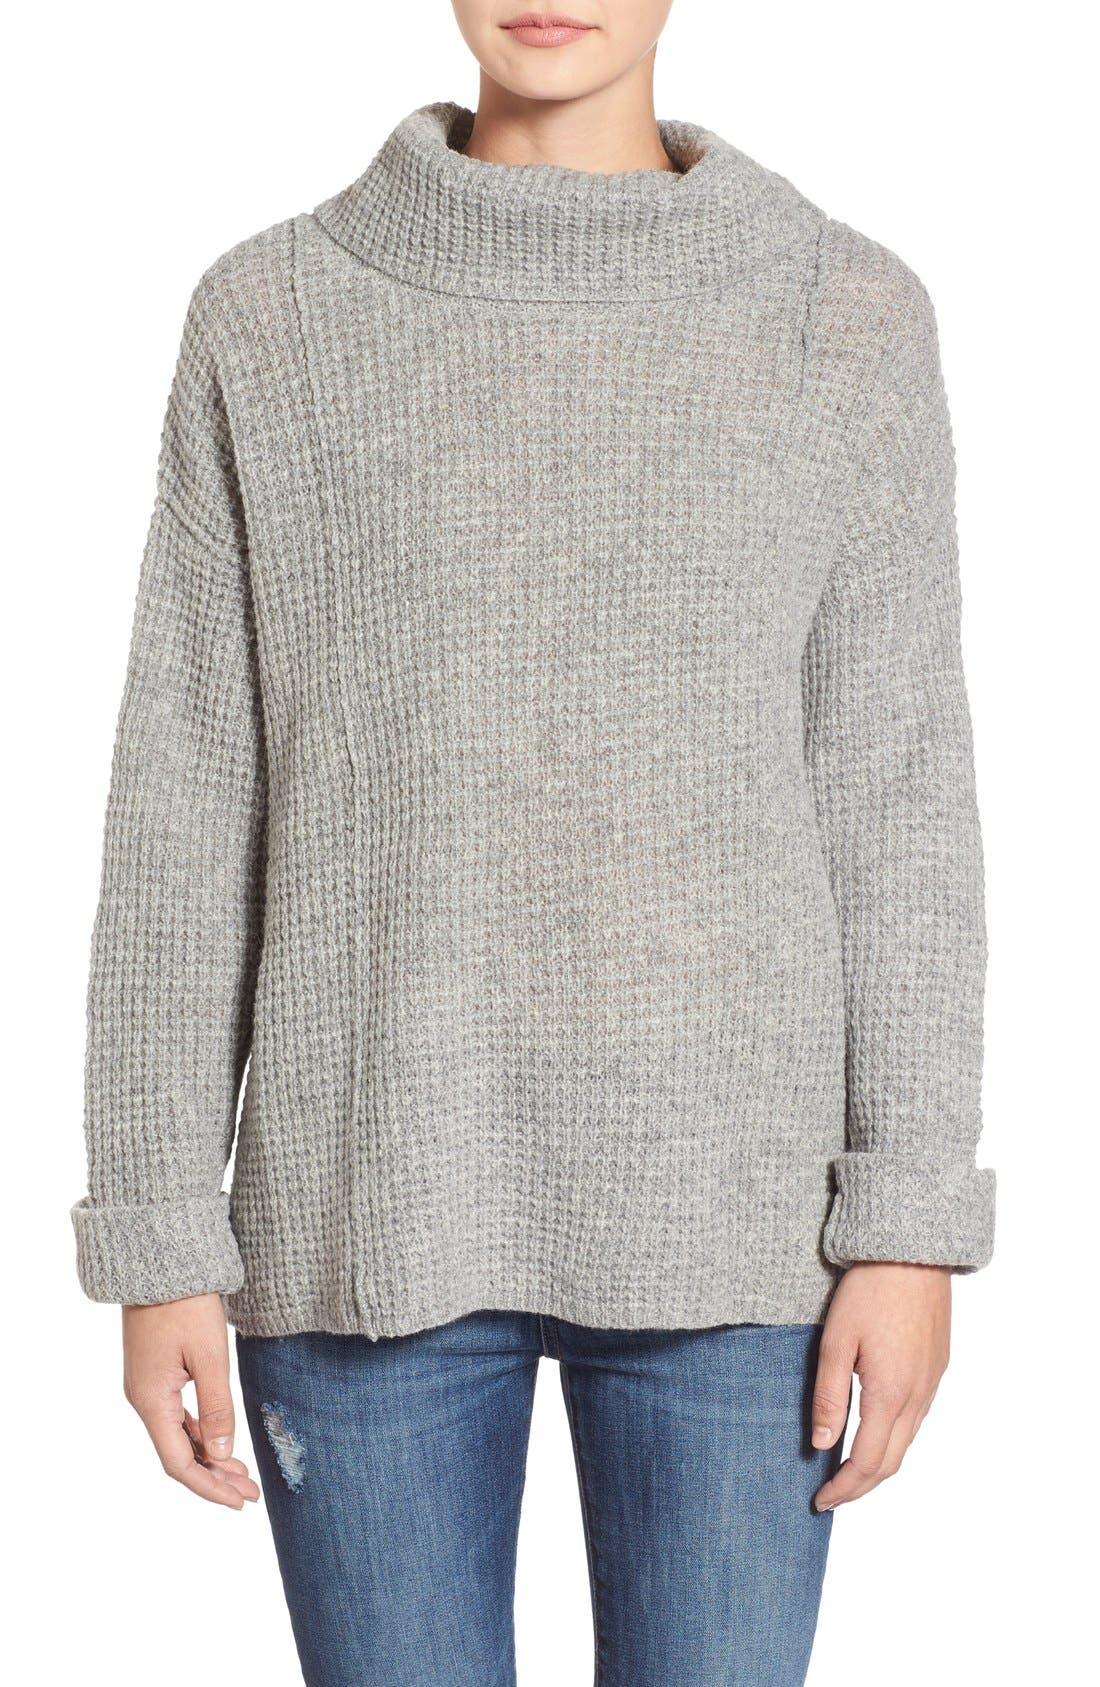 Alternate Image 1 Selected - Free People 'Sidewinder' Wool Pullover